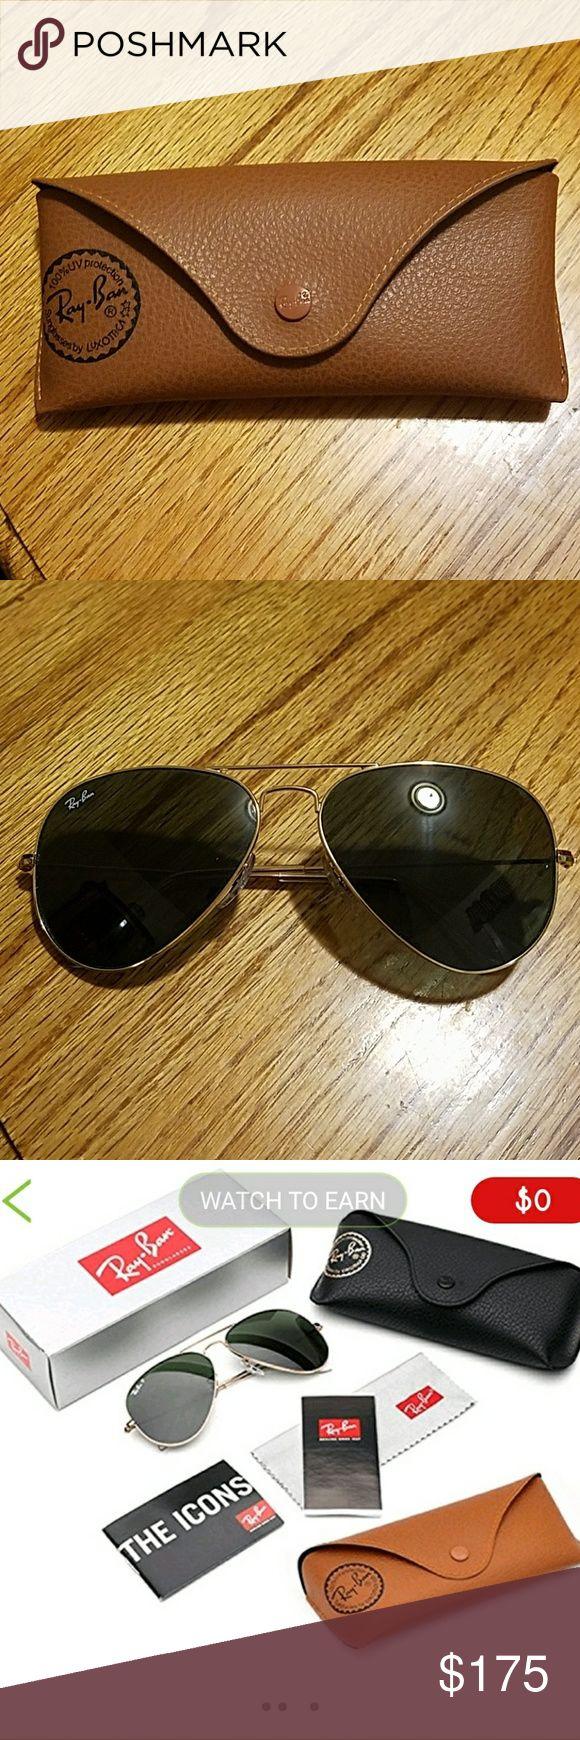 Ray Ban 3025 Aviator Non mirrored Non Polarized Classic Aviators Ray-Ban Accessories Sunglasses